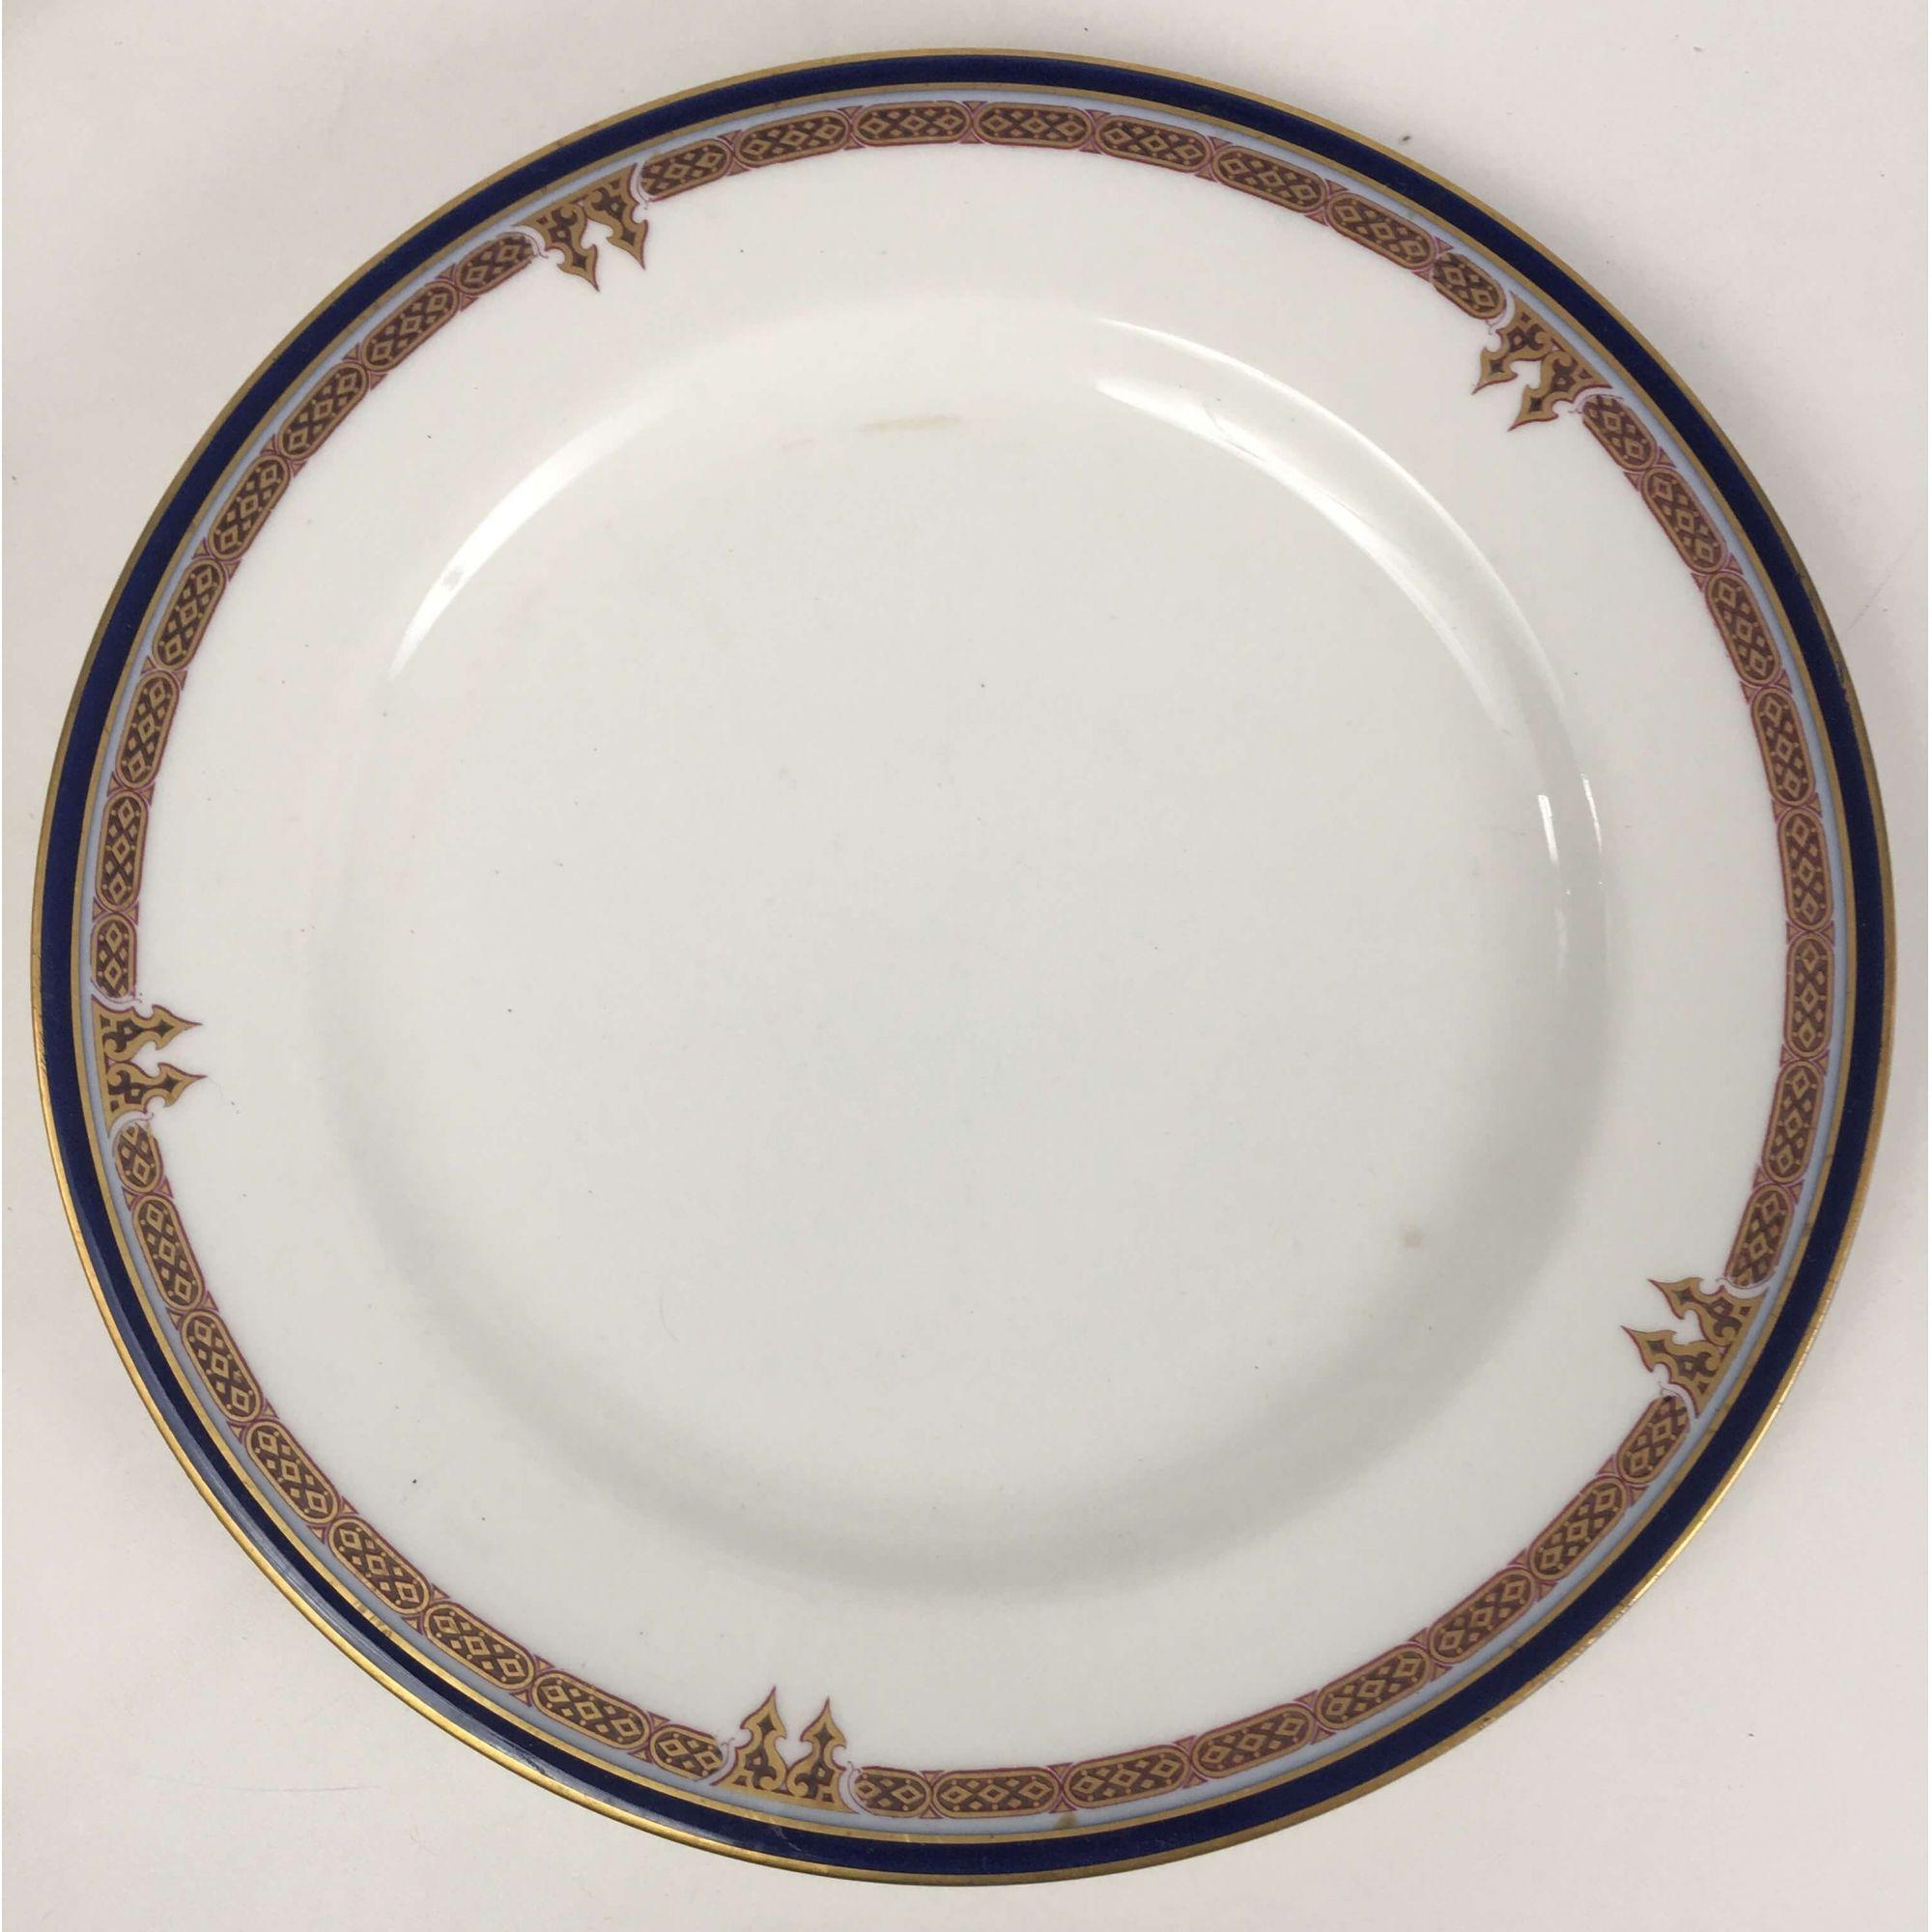 Par De Pratos Raso Em Porcelana Antiga Limoges